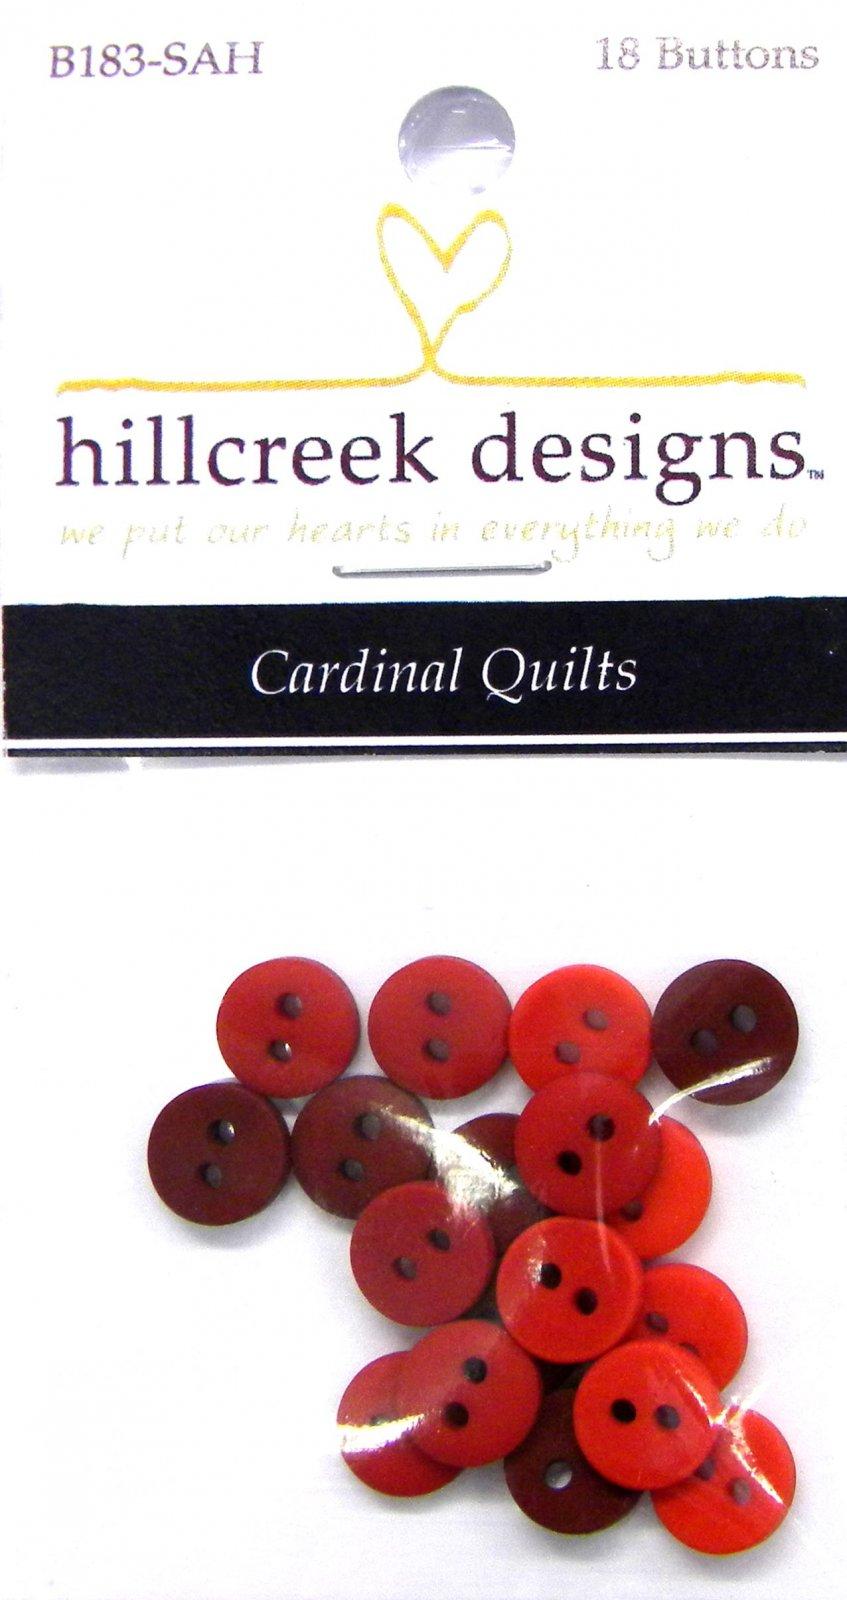 Cardinal Quilts